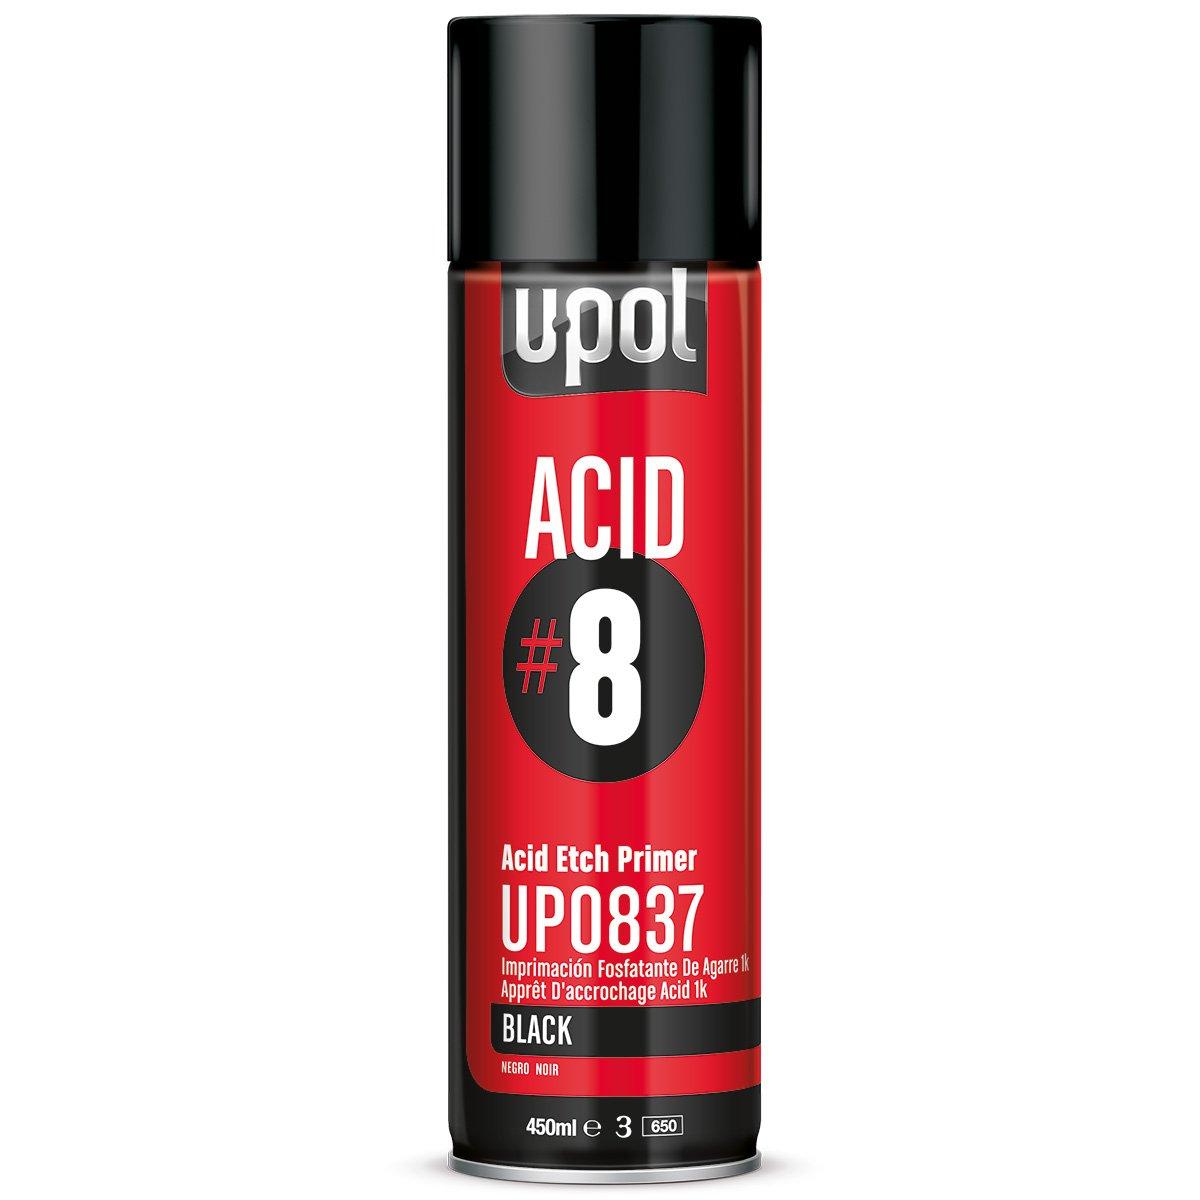 U-Pol 0837 Acid#8 Etch Primer Black 450ml Aerosol, 13.5 Fluid_Ounces